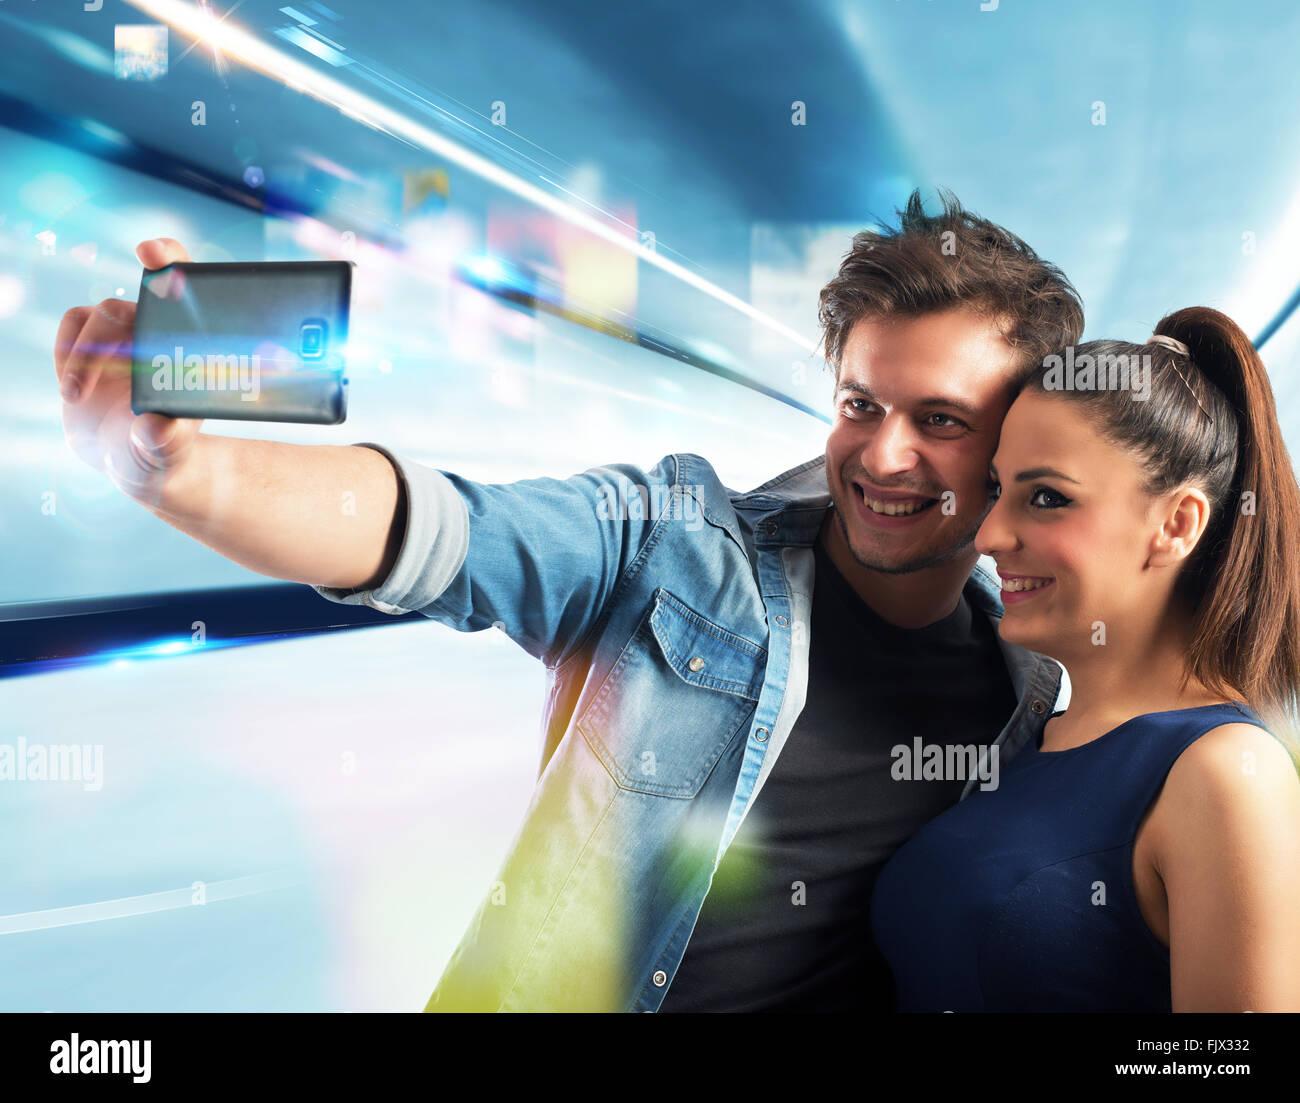 Pareja sonriente selfie Imagen De Stock